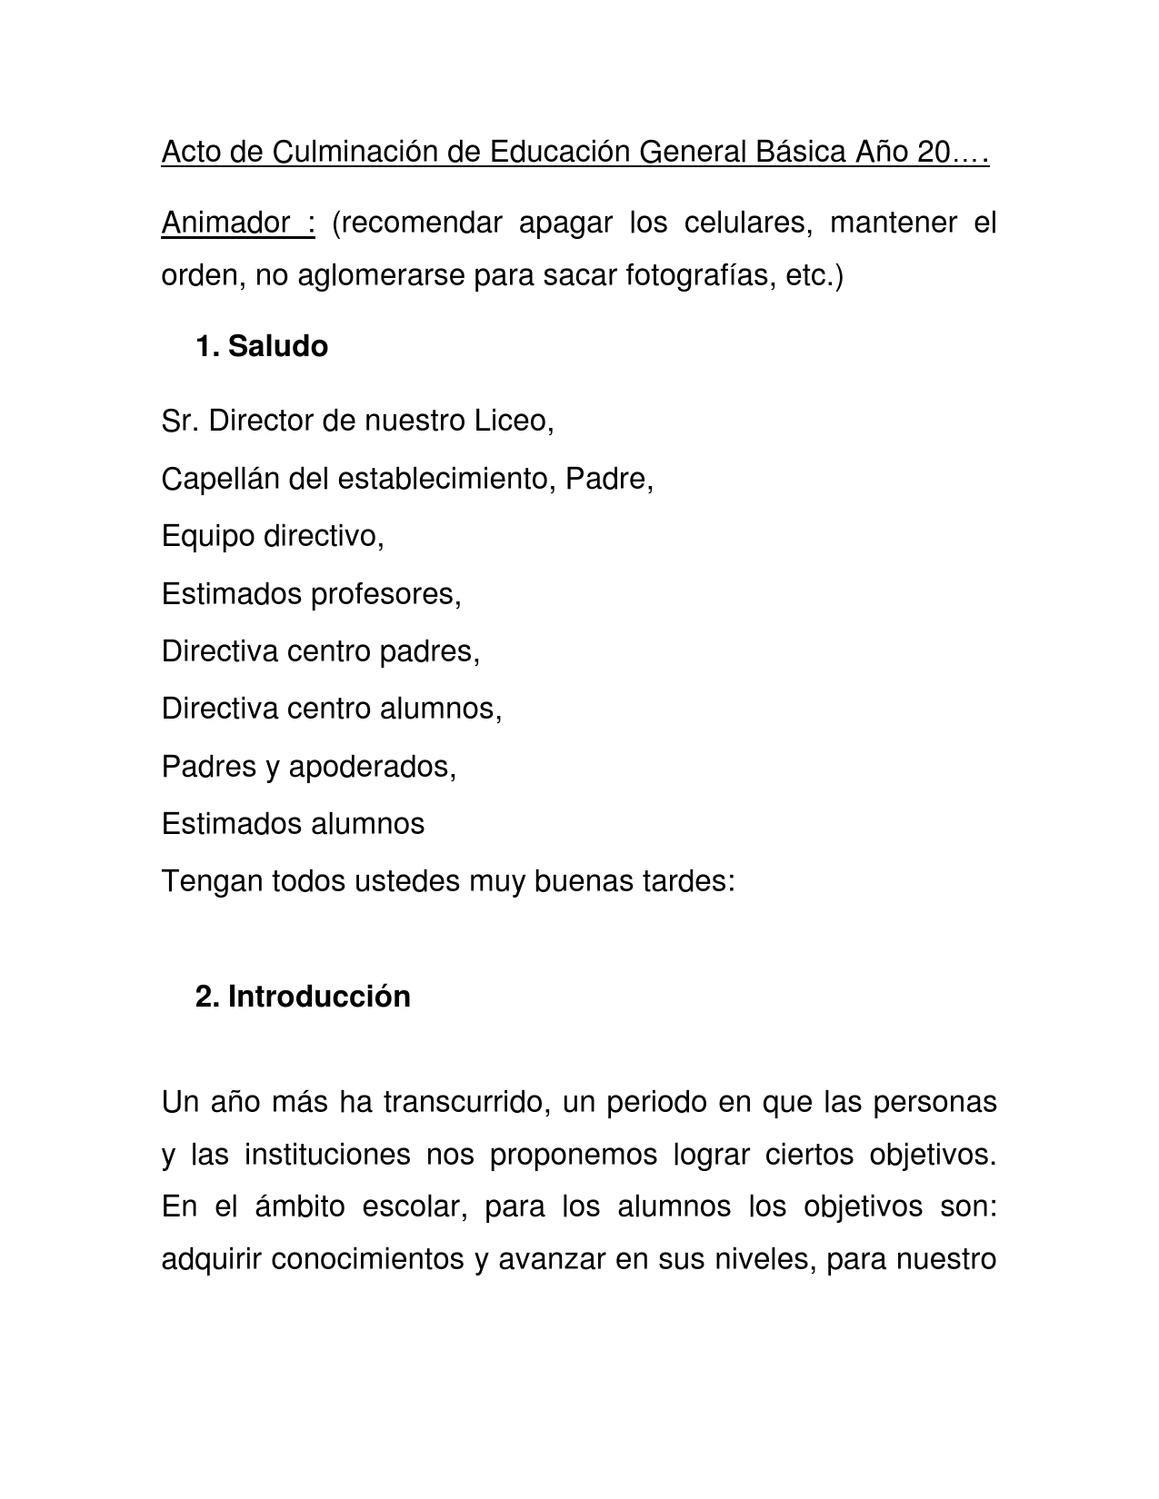 Libretos De Ceremonias De Graduación Ceremonia De Graduacion Discurso Graduacion Tipos De Letras Abecedario